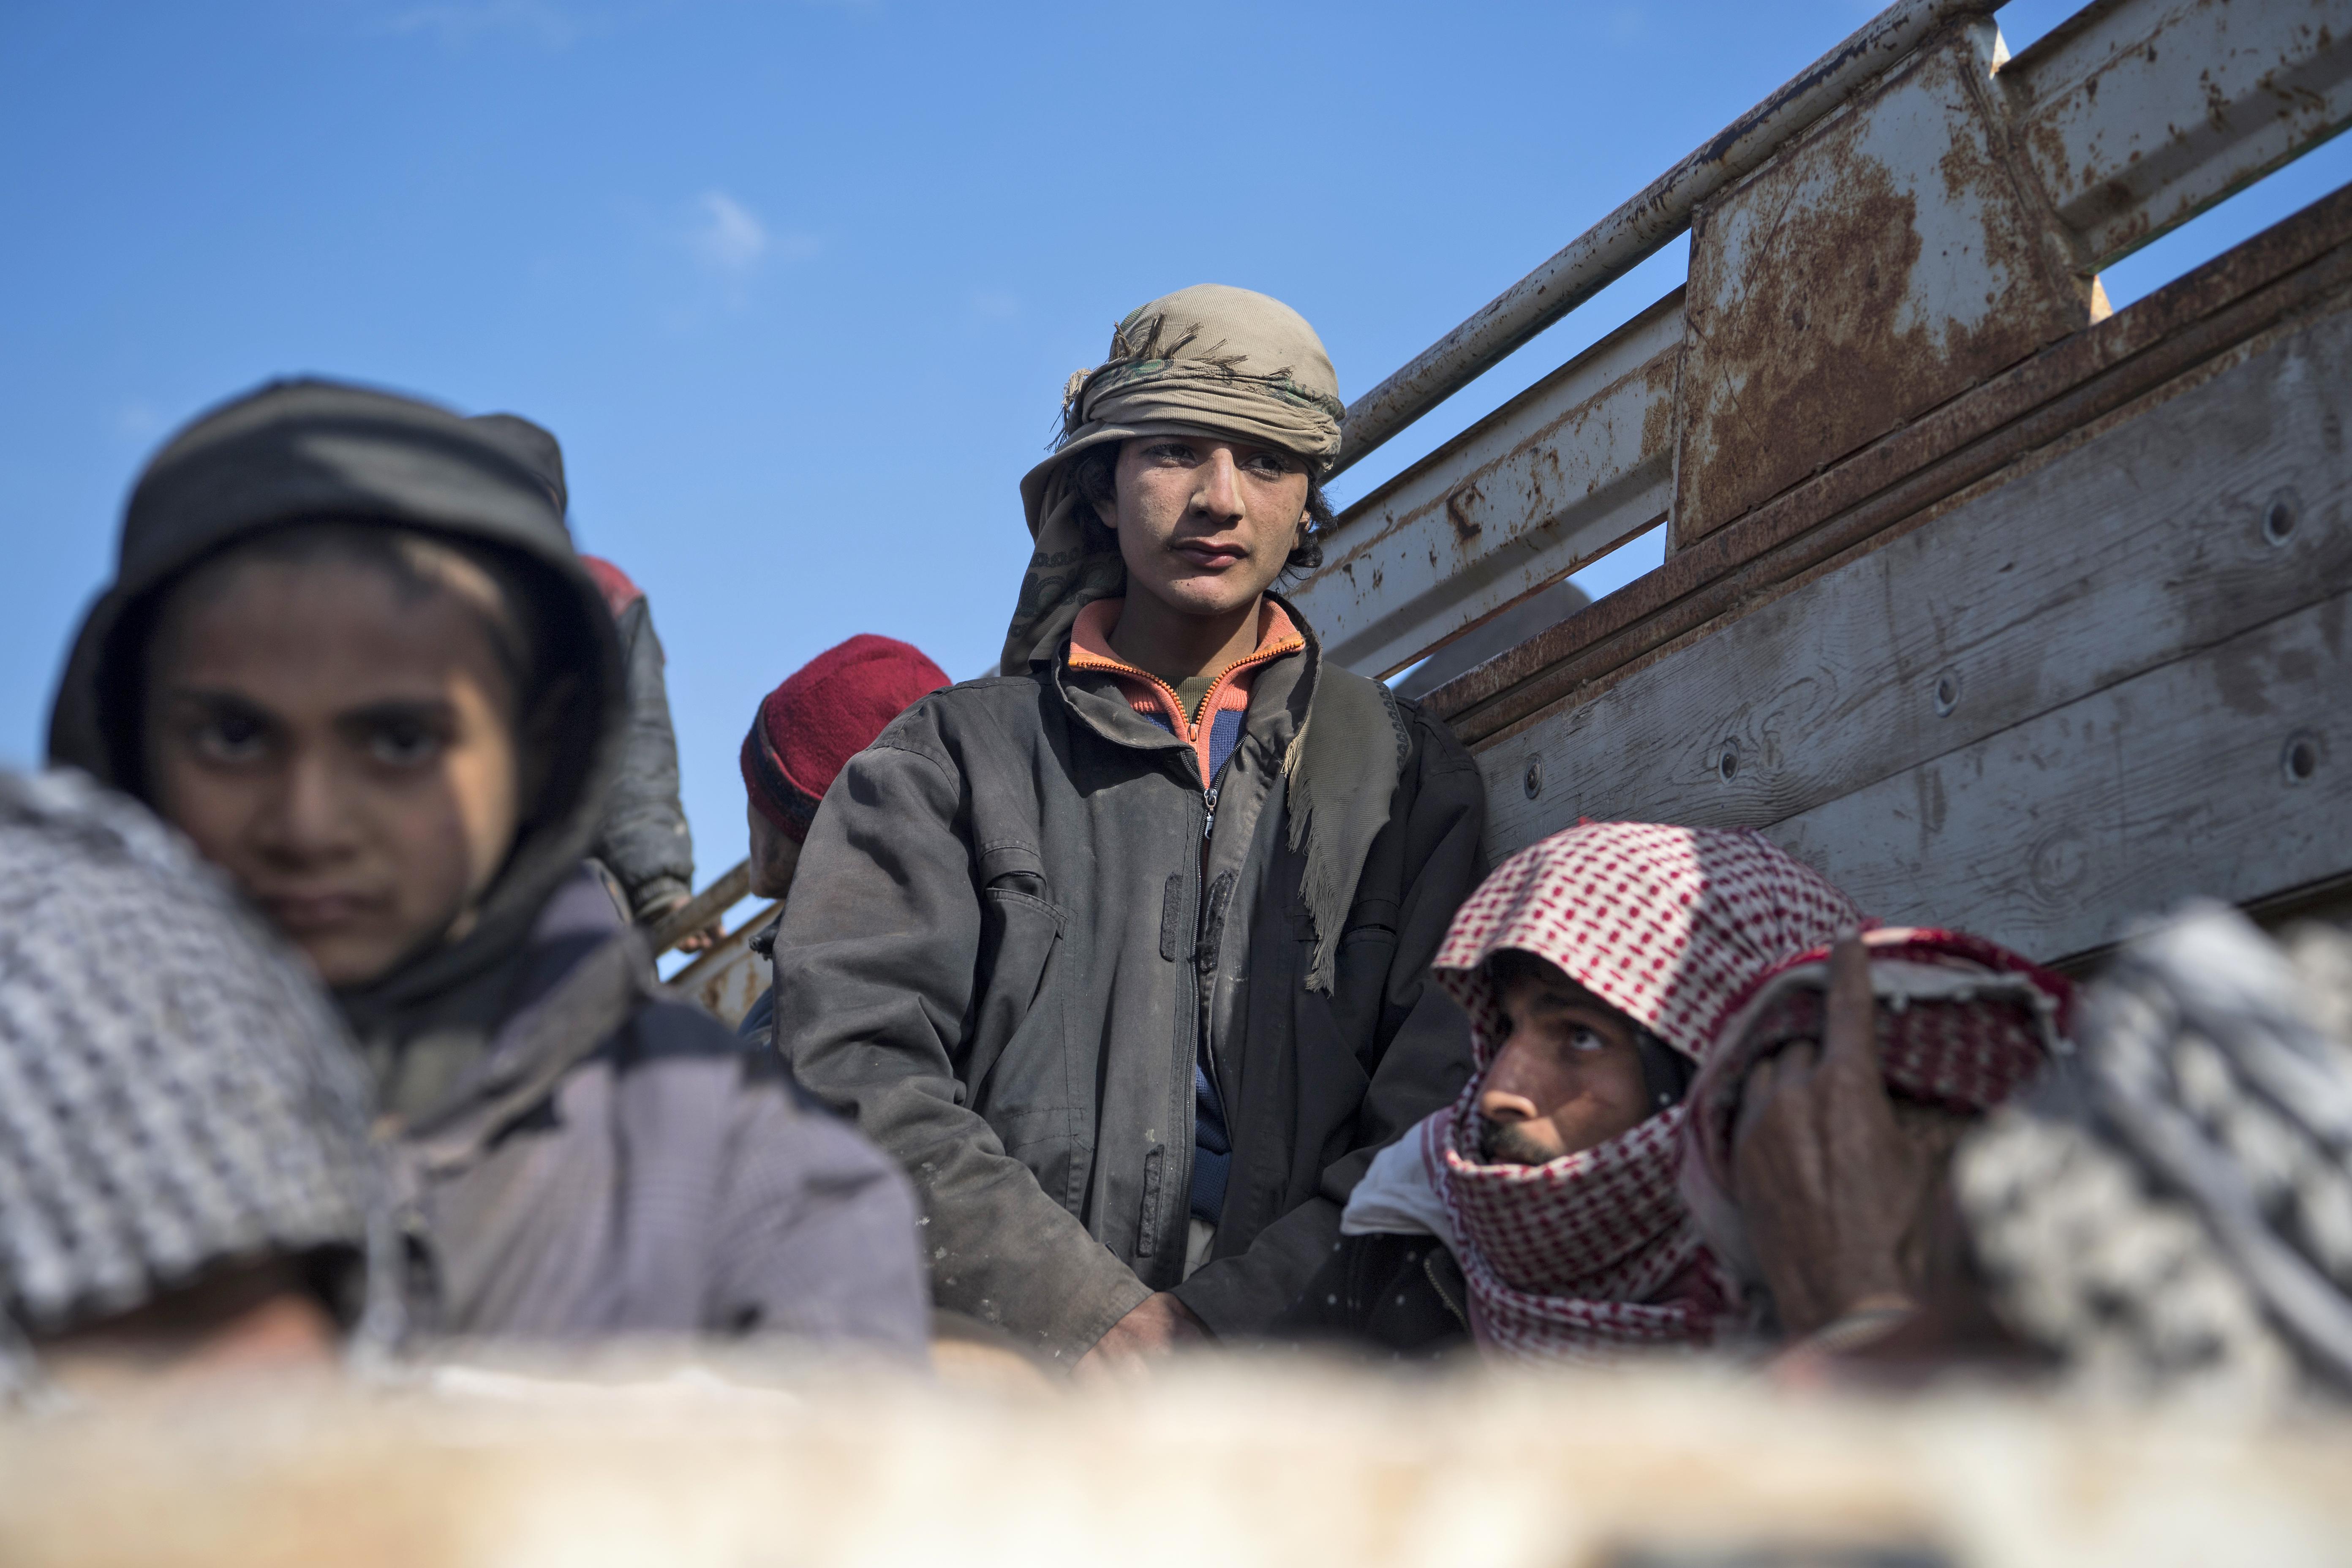 مدنيون يحاولون الفرار من الباغوز آخر معاقل داعش في سوريا